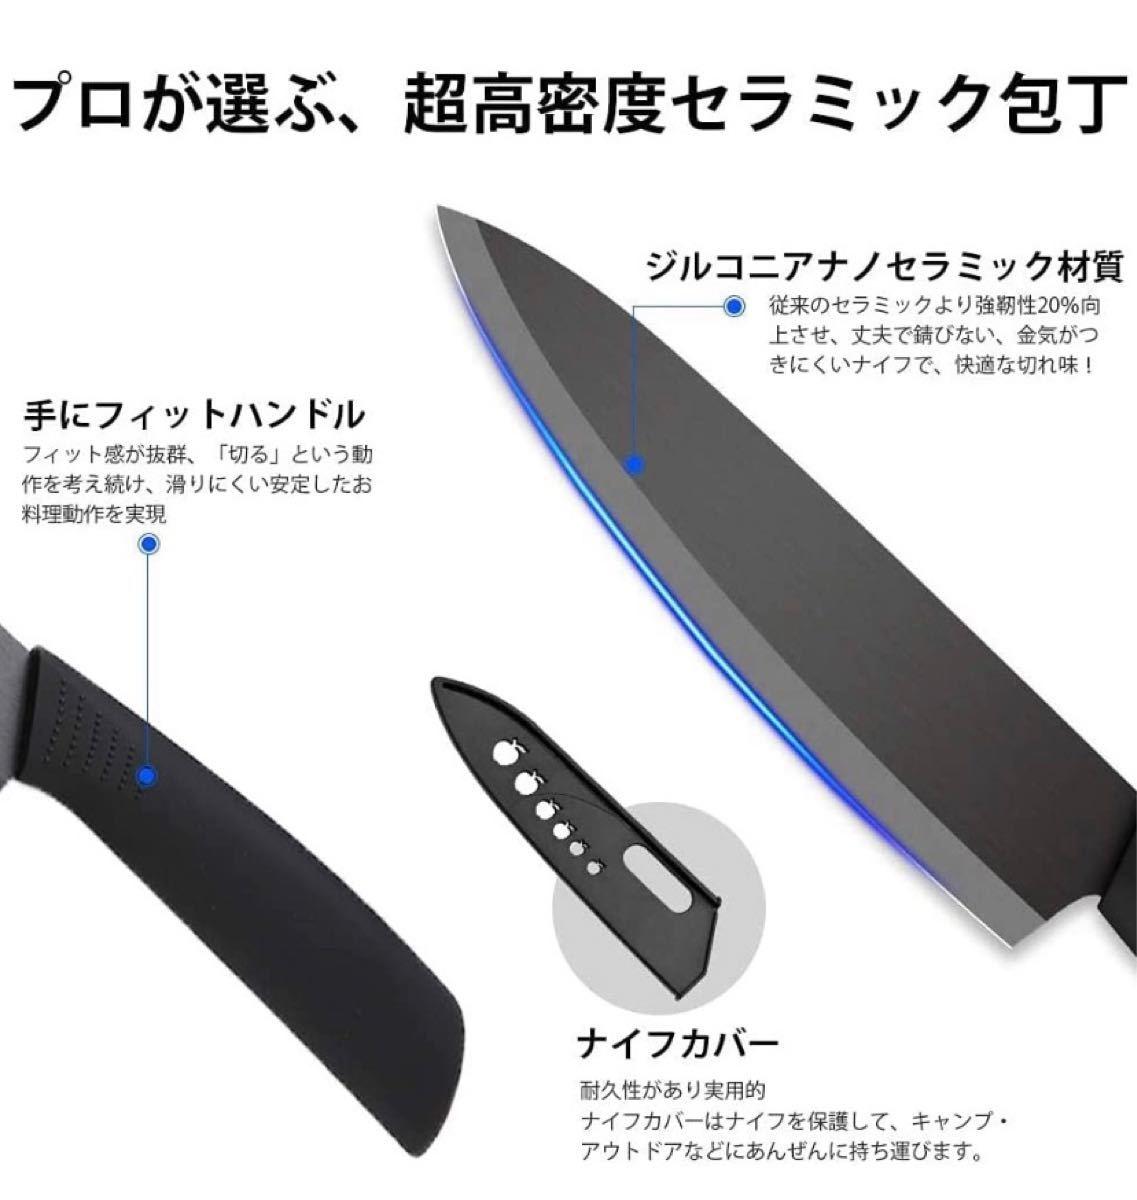 【送料無料】セラミック包丁 包丁セット 黒刃 ナイフ